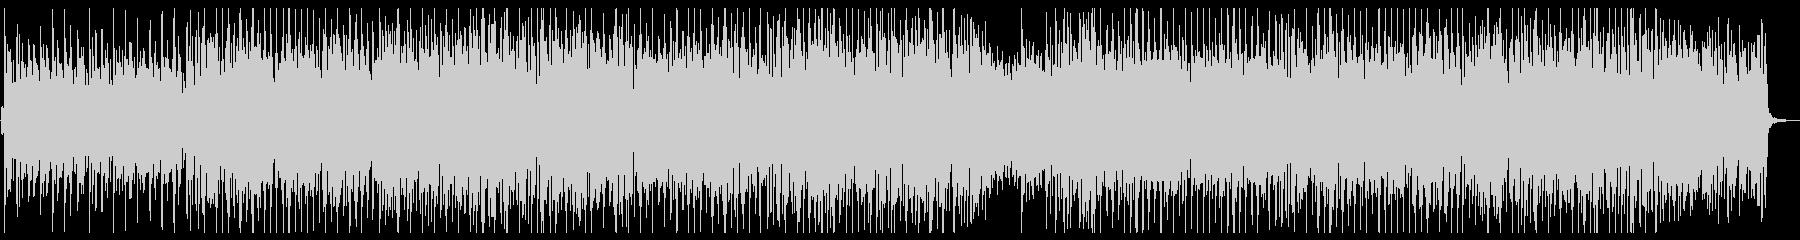 ミディアムテンポのほのぼのエレクトロの未再生の波形